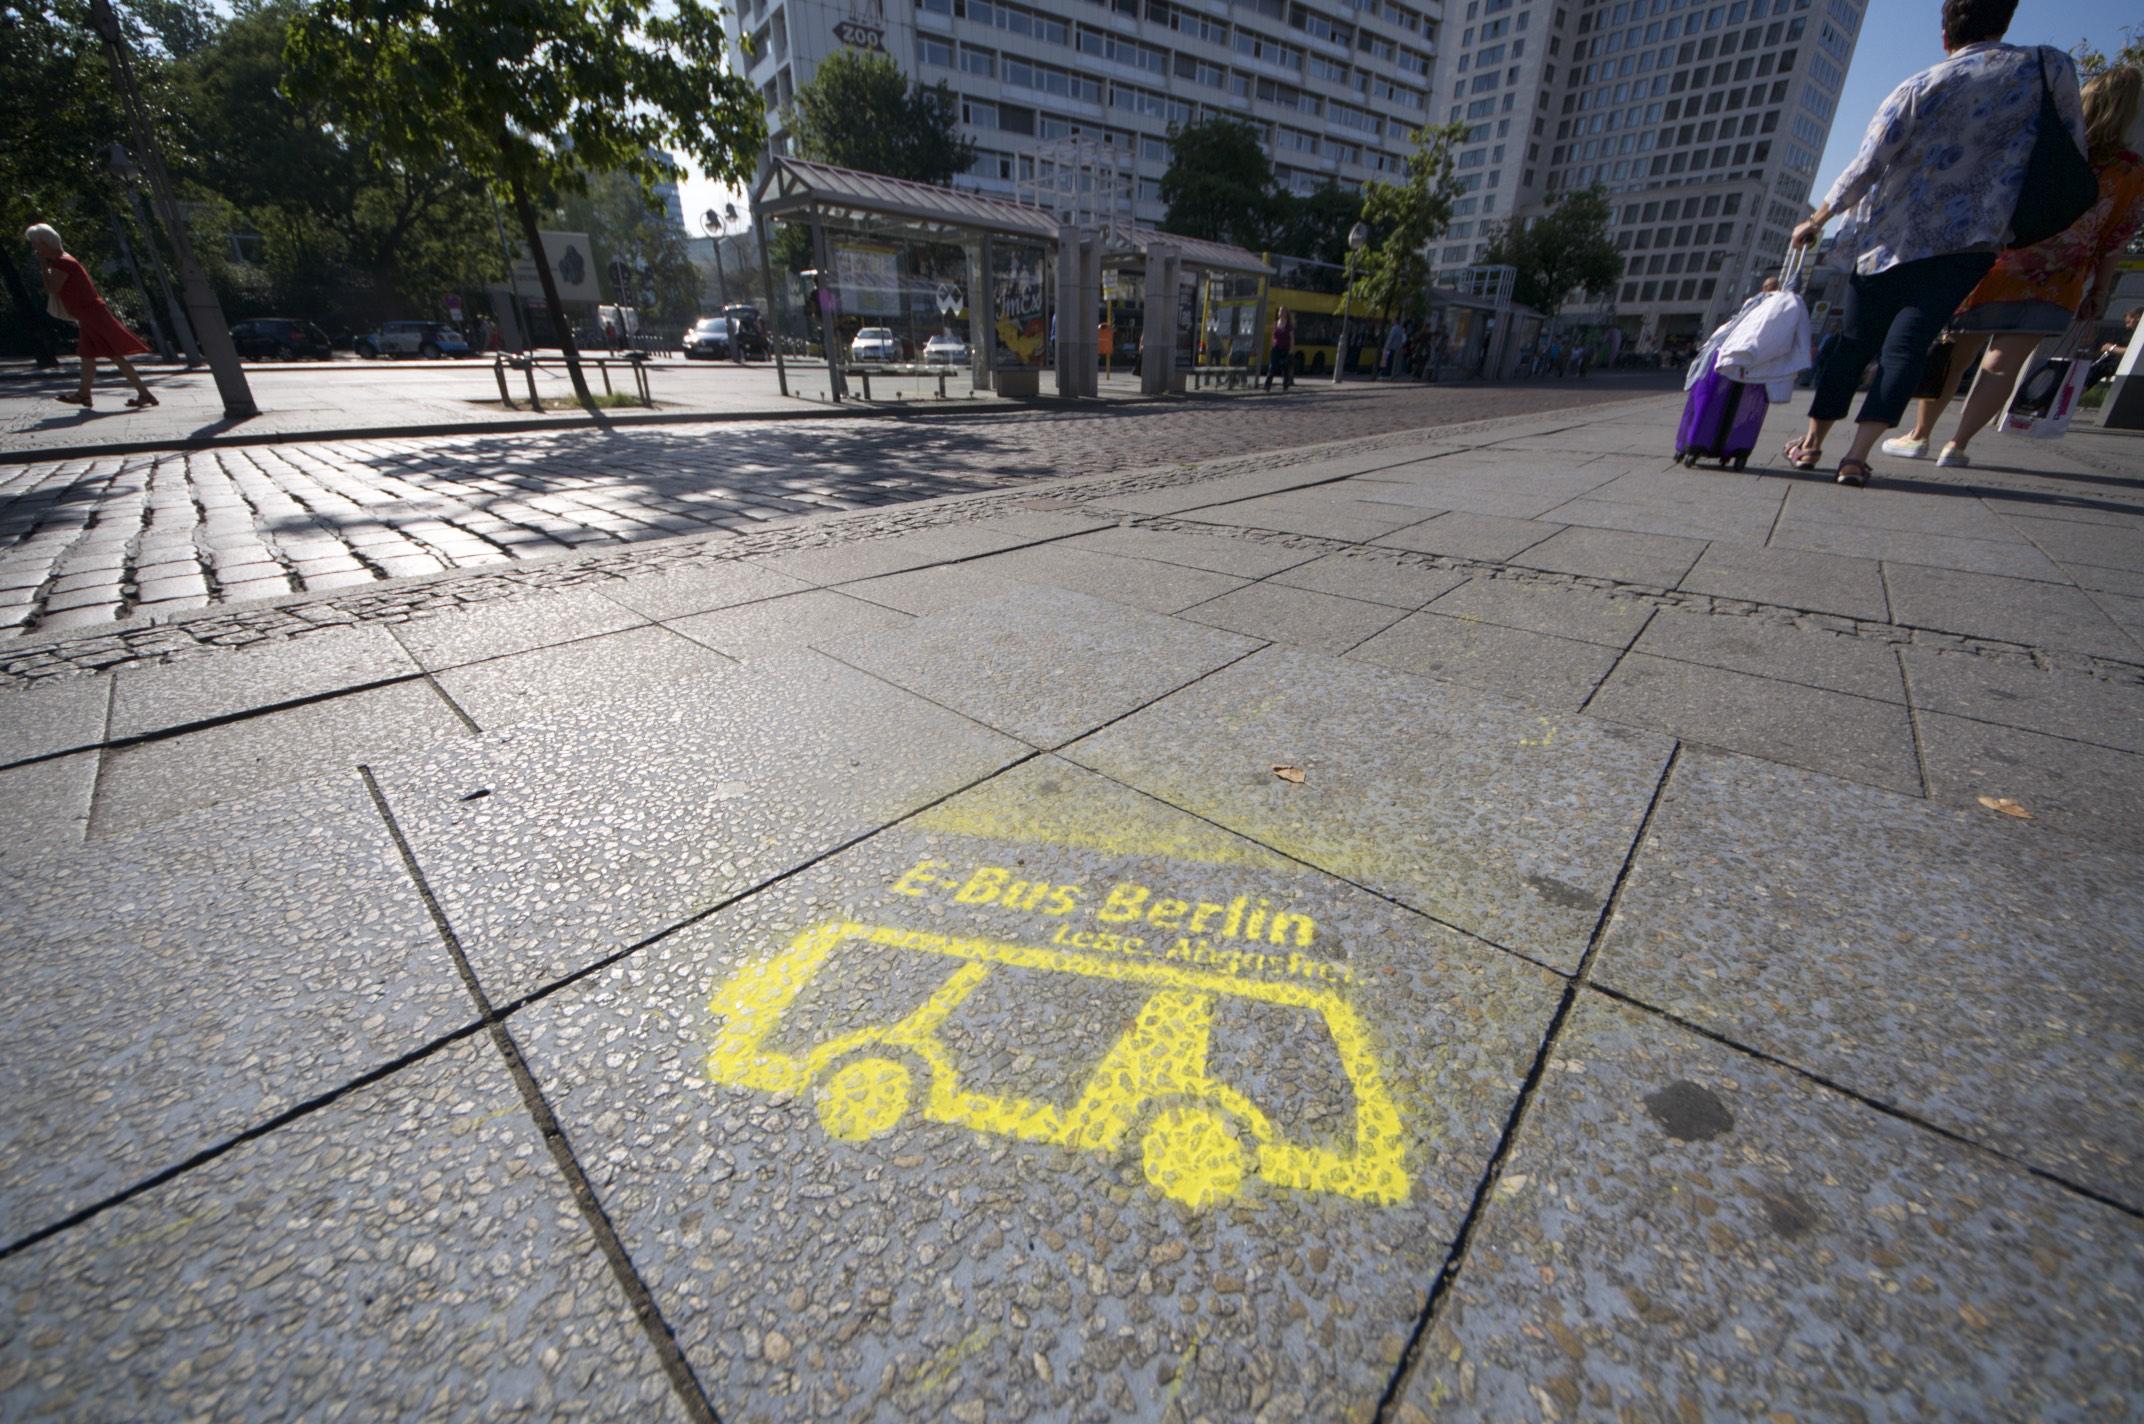 Nahverkehr: Hamburg und Berlin kaufen gemeinsam saubere Busse - Ein bisschen Werbung muss sein, ... (Foto: Andreas Sebayang/Golem.de)